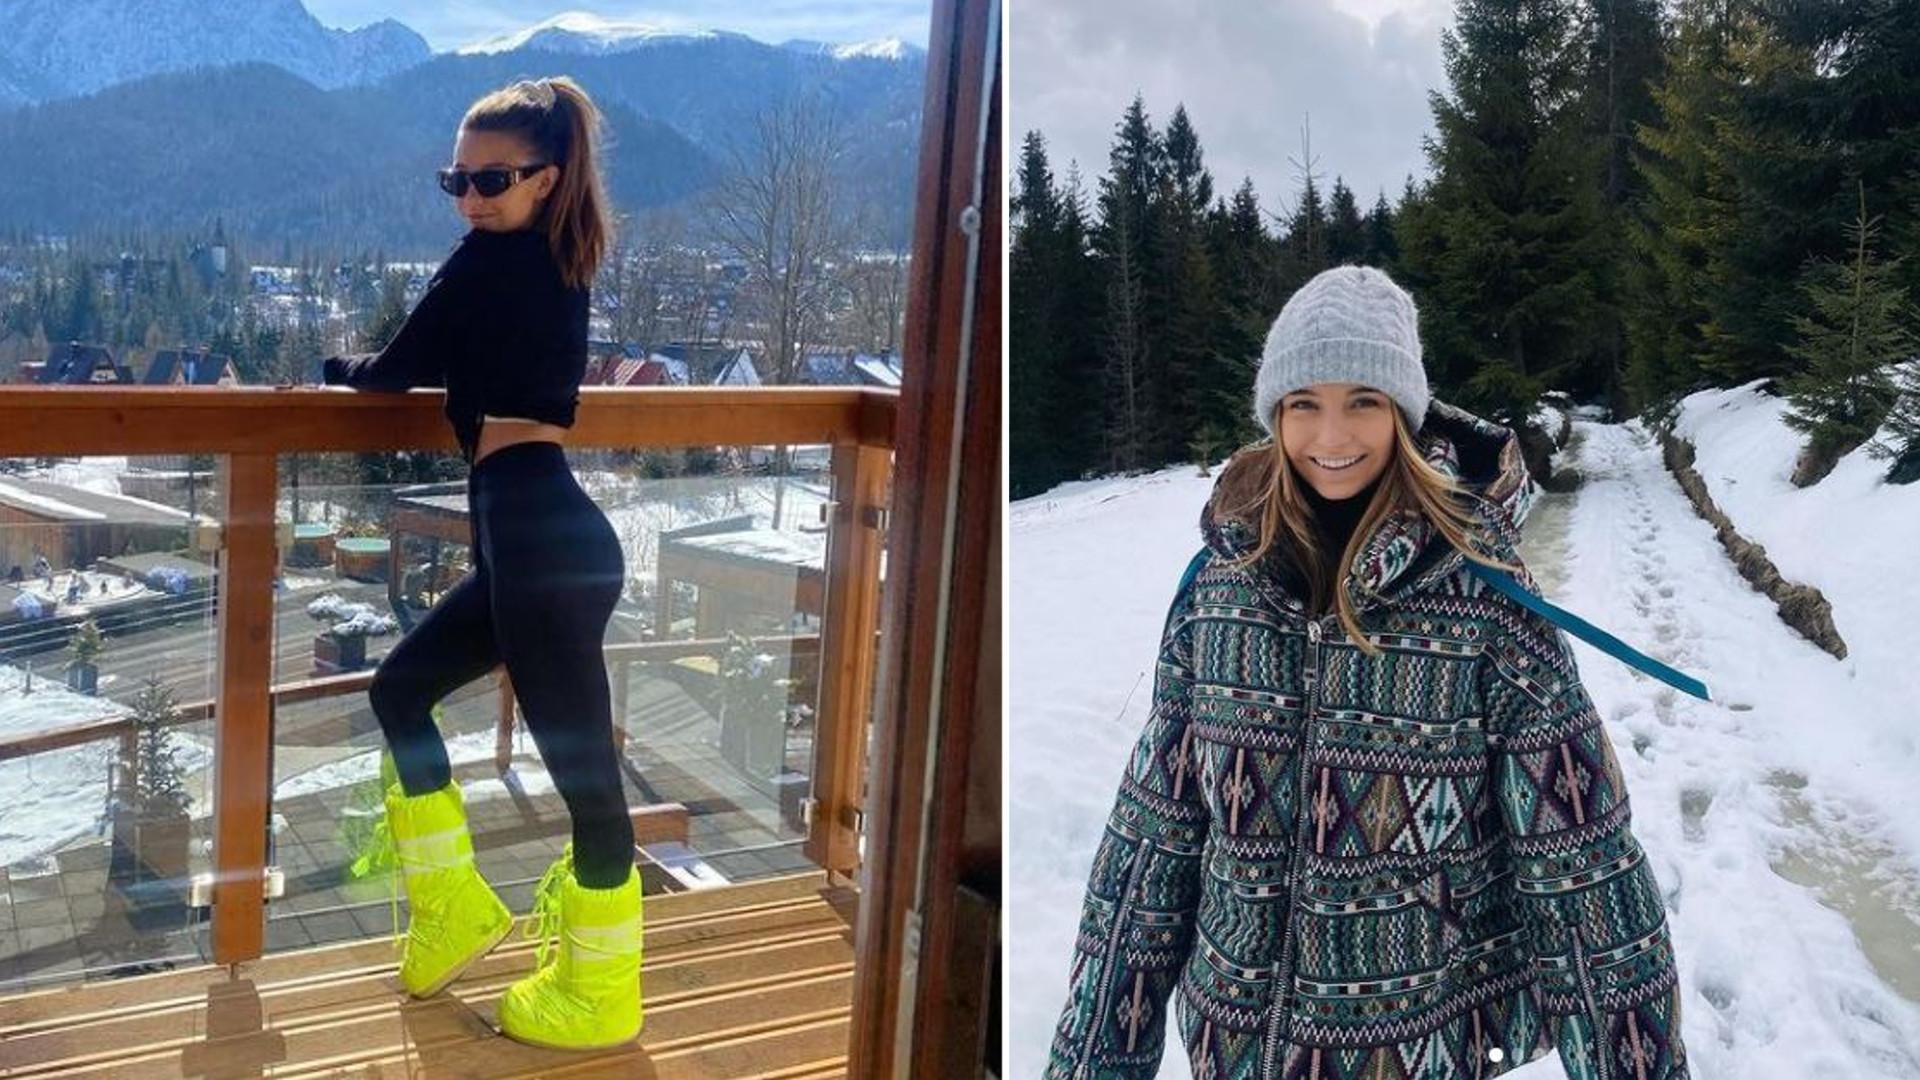 Julia Wieniawa z dumą prezentuje kobiece wdzięki na tle gór. Pokazała się w kusym stroju kąpielowym